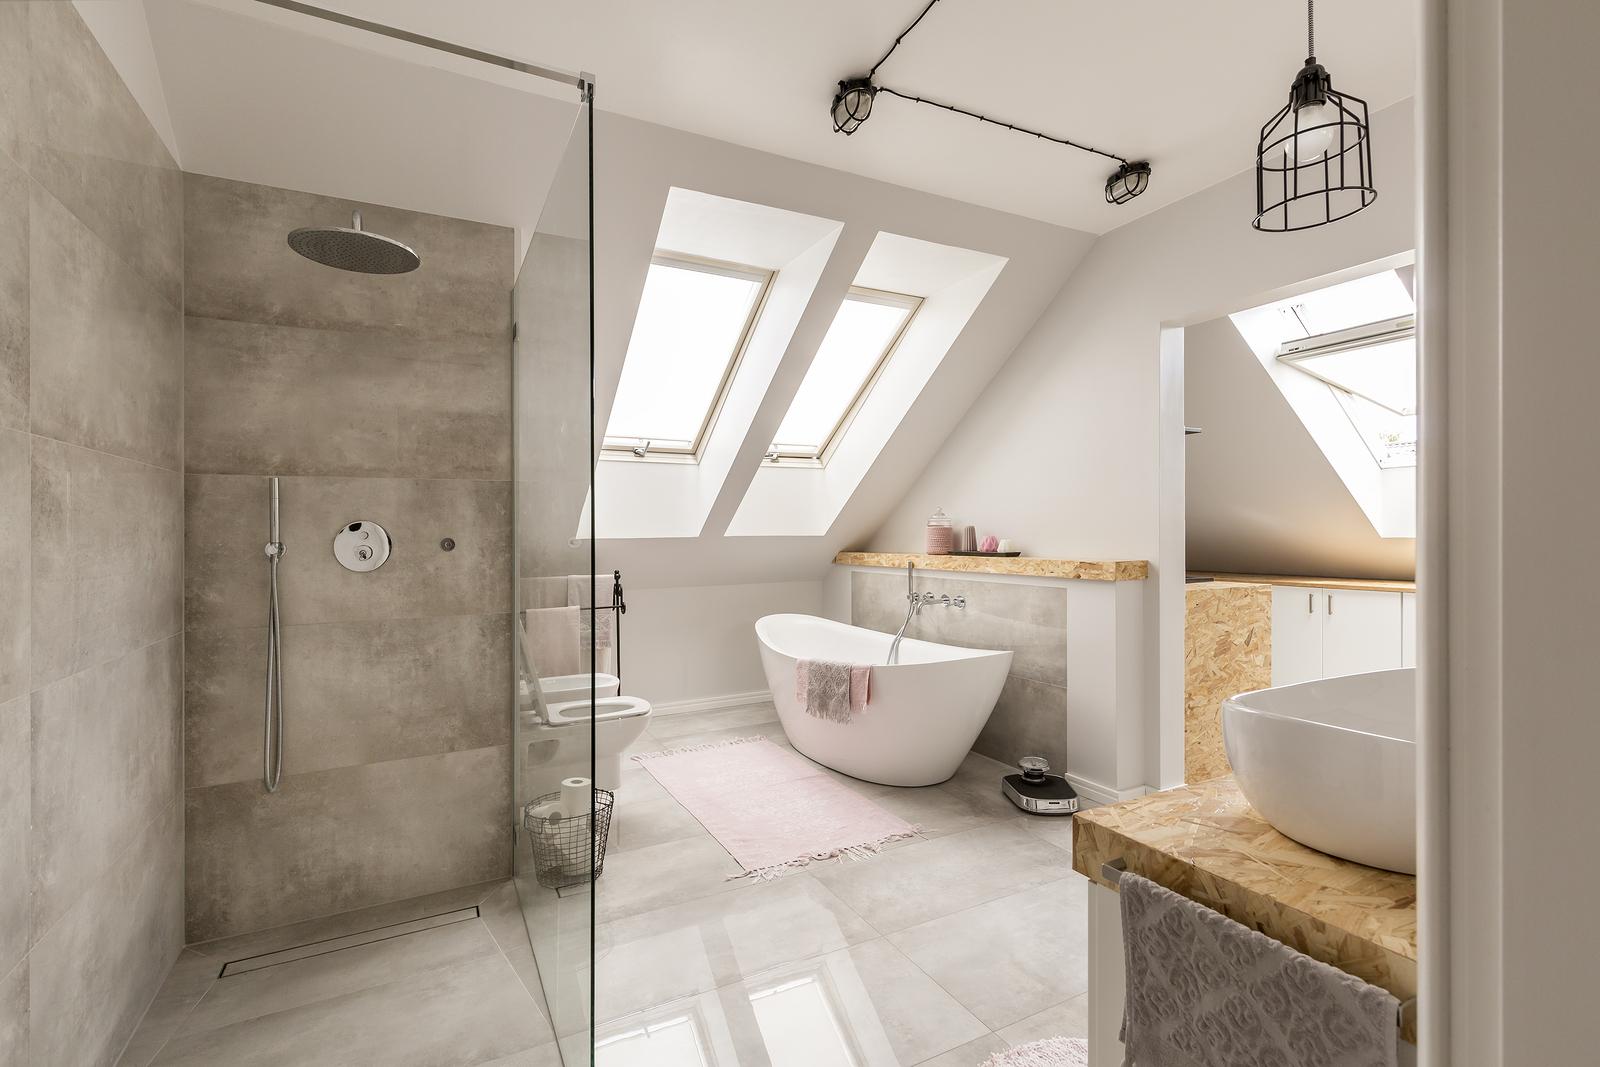 Bathroom Remodeling Experts Fort Myers & Sanibel